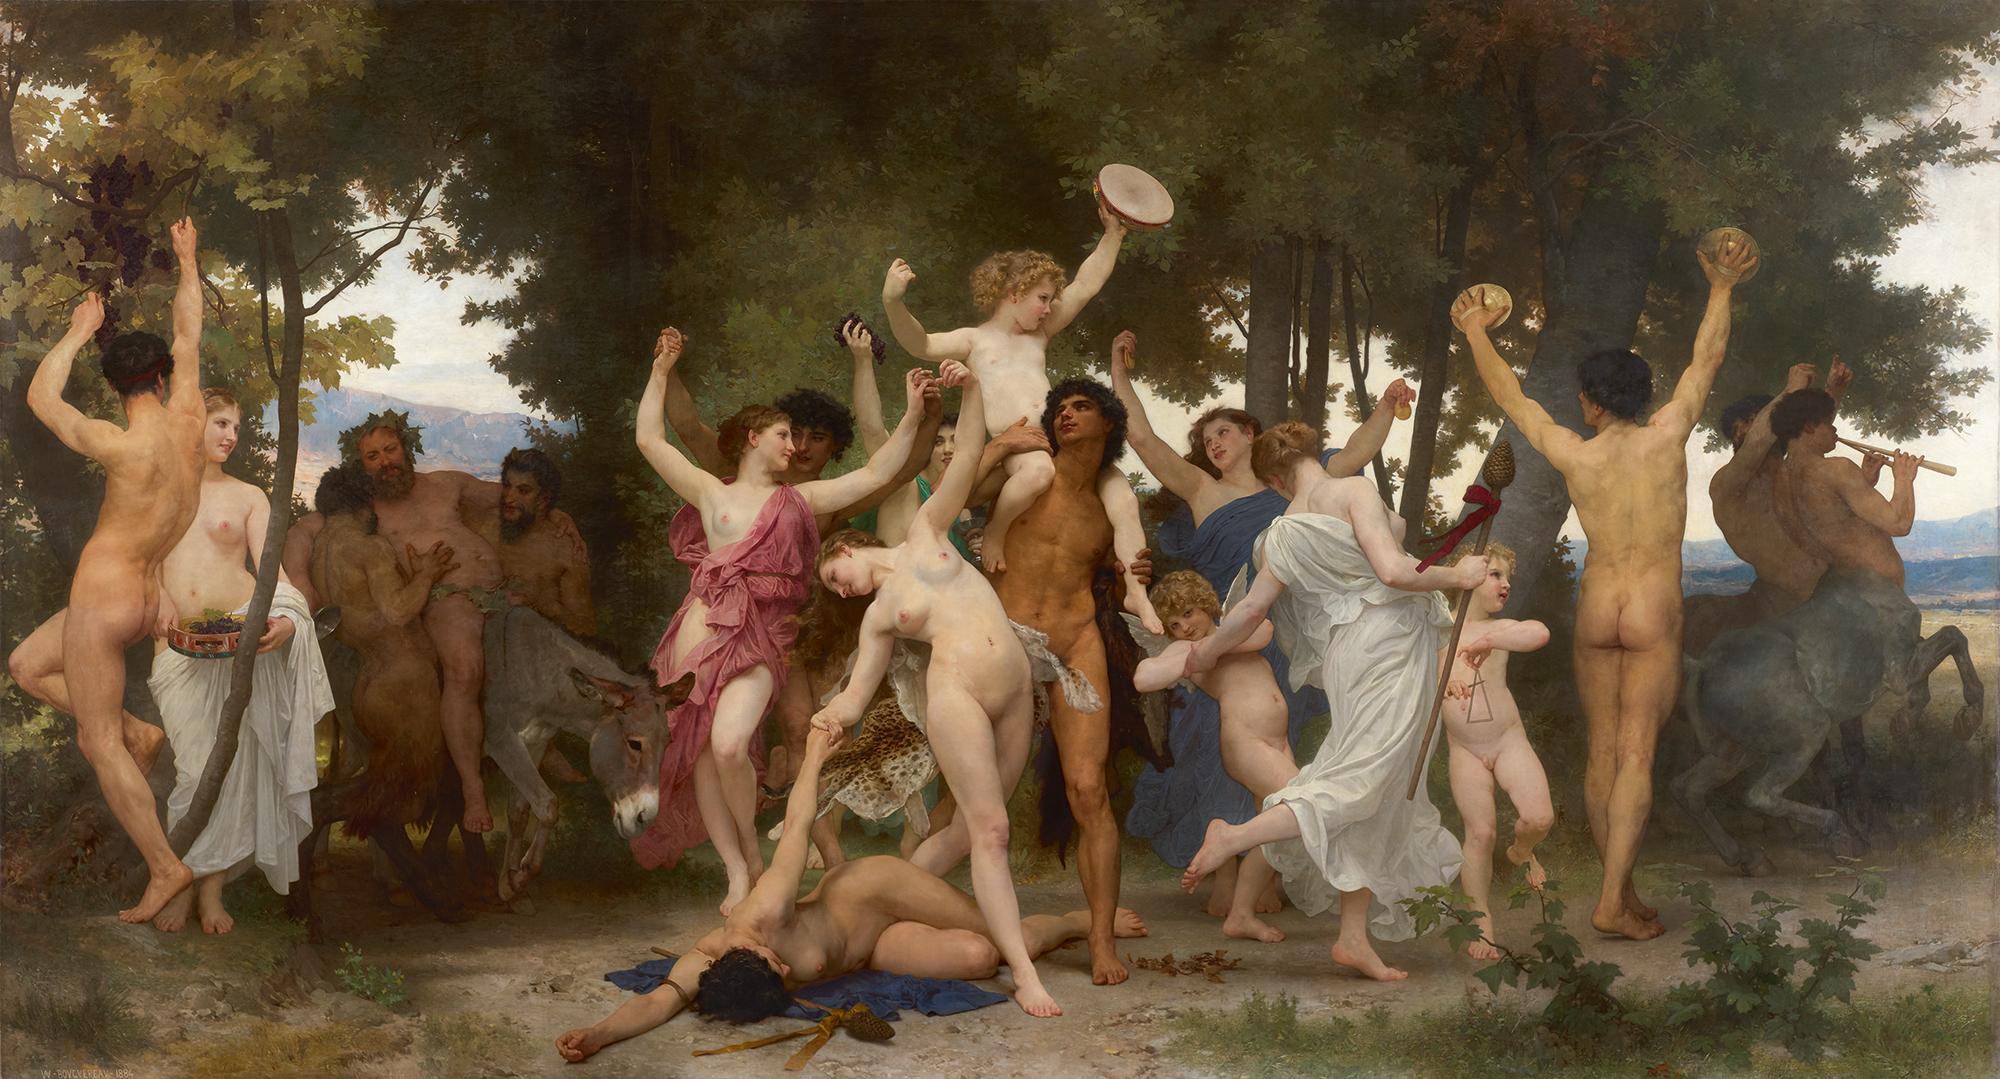 William Bouguereau , La jeunesse de Bacchus, huile sur toile, 1884, image ©Sotheby's